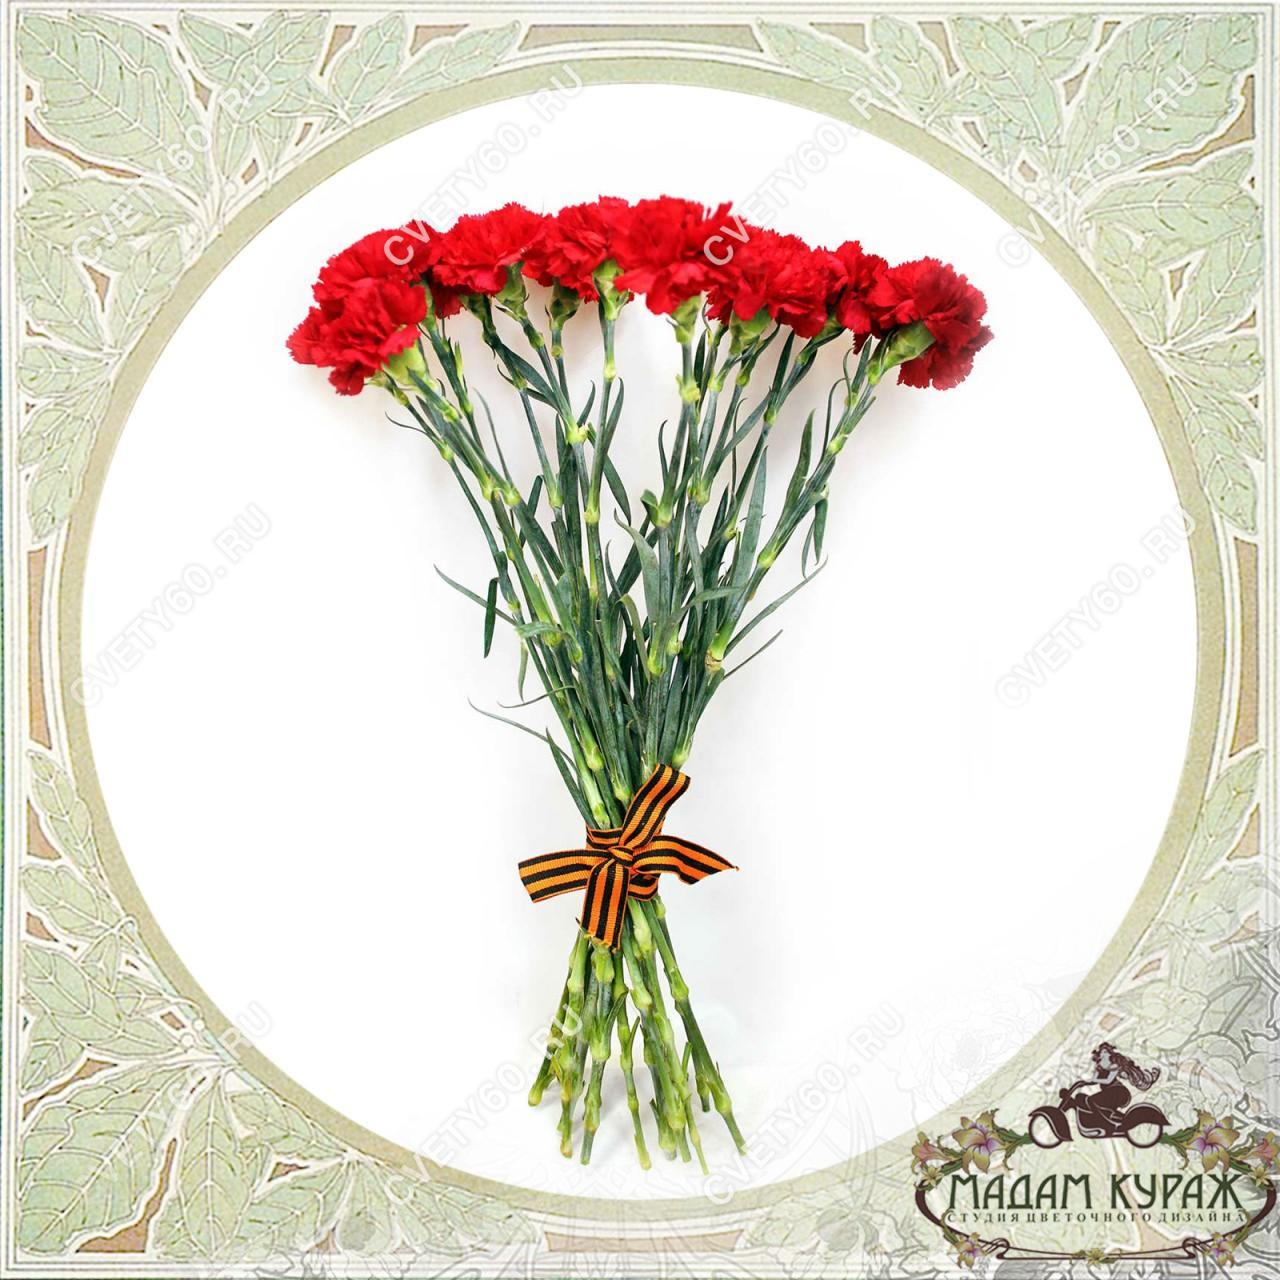 Красные гвоздики в Пскове Открытка